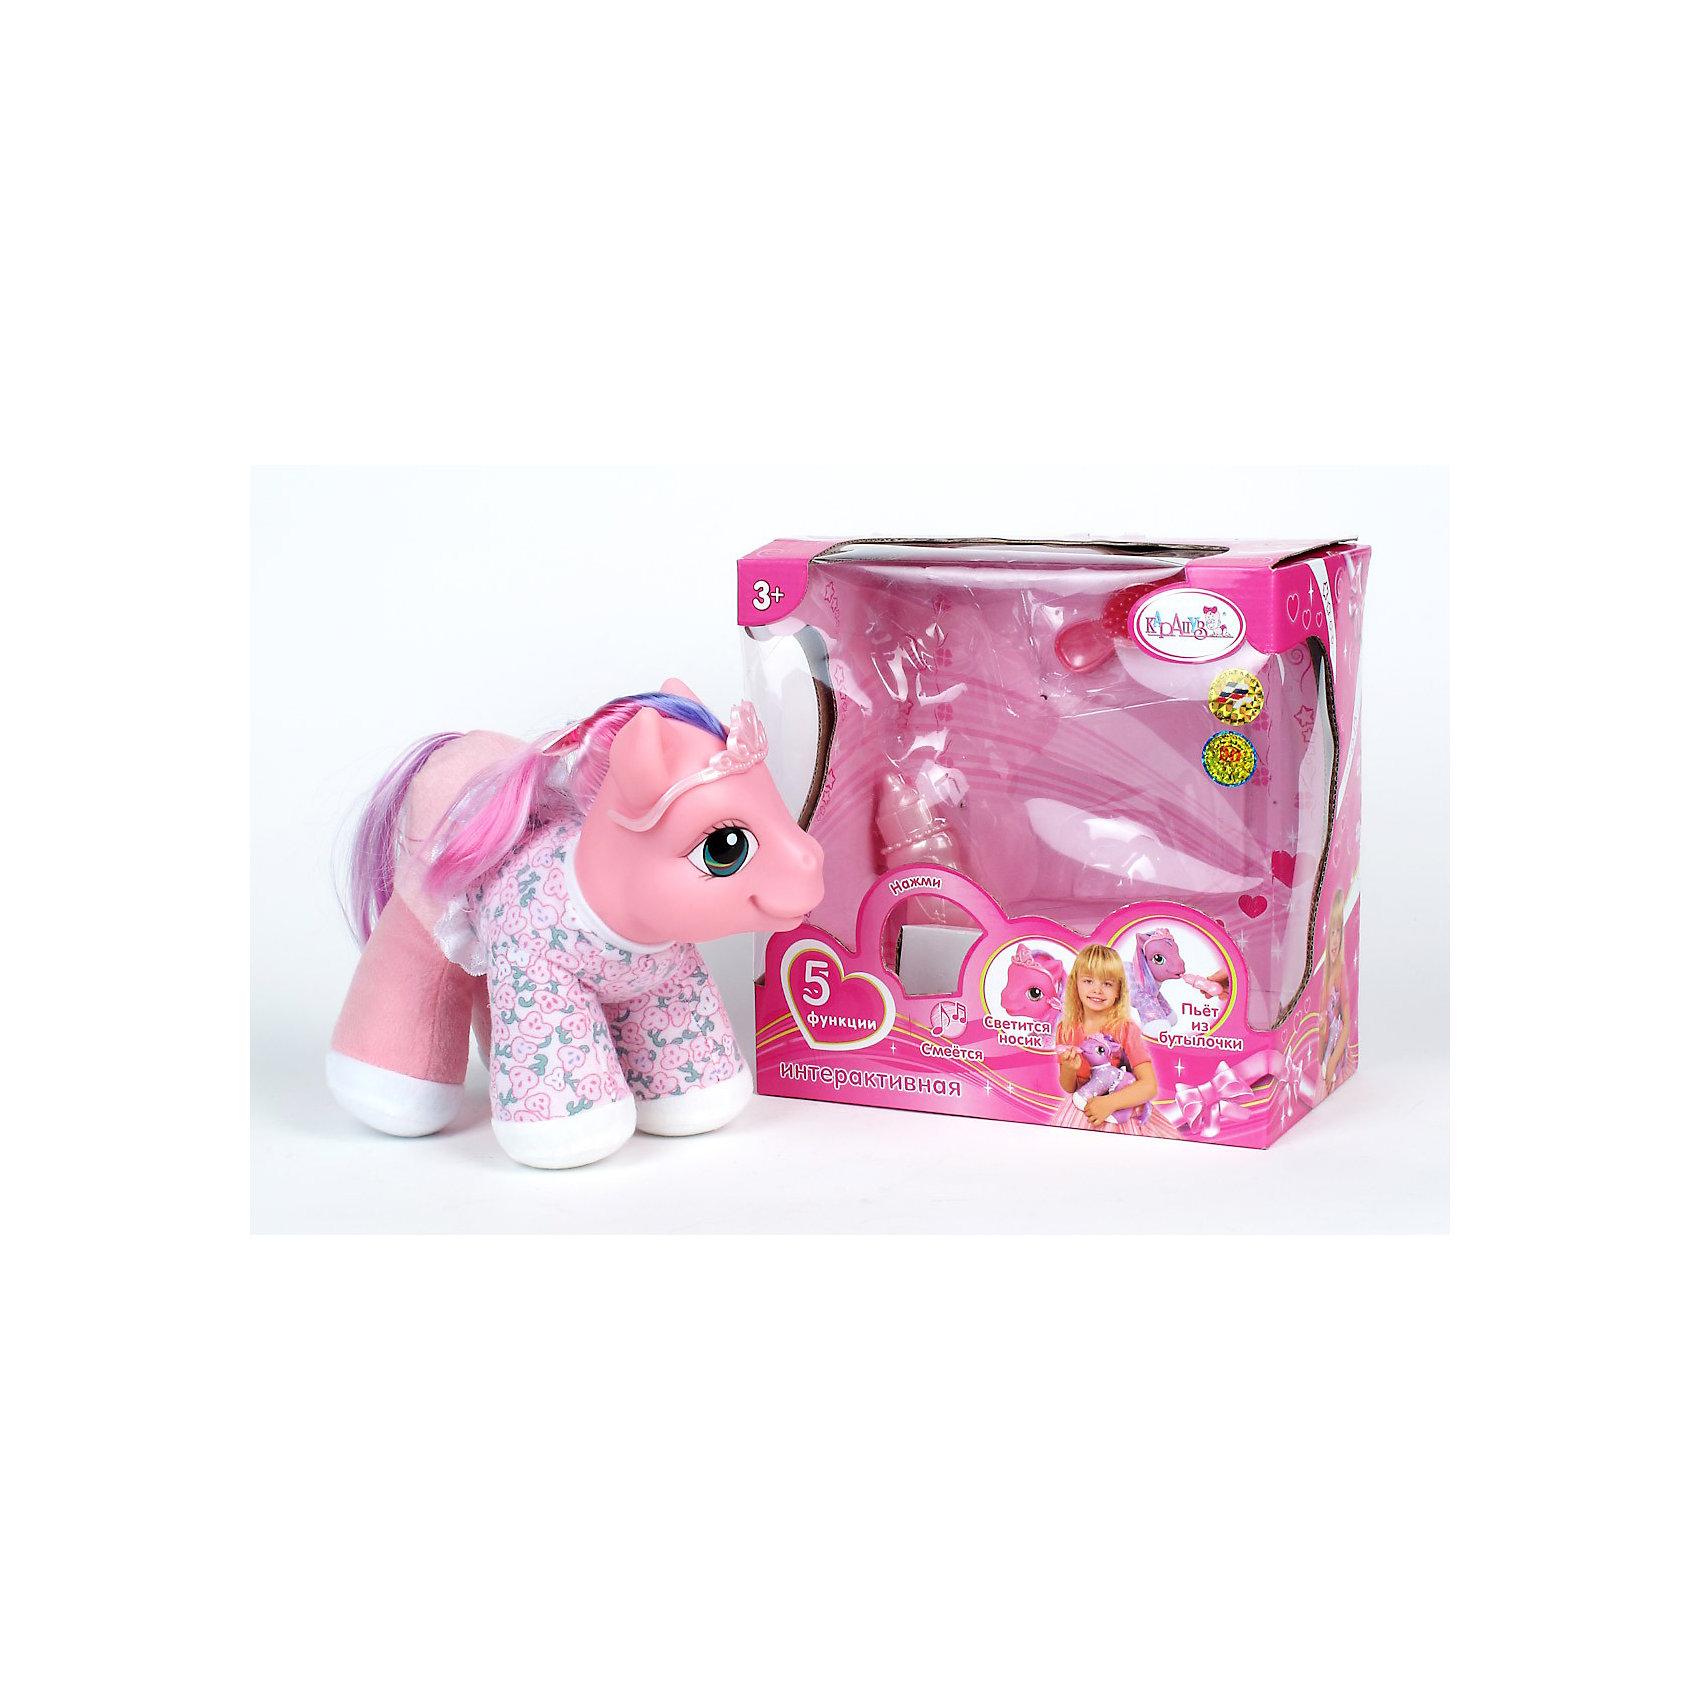 Любимая пони КарапузПопулярные игрушки<br>Любимая пони с 3 функциями. На батарейках, со световыми функциями, пьет из бутылочки, чмокает, смеется. В комплекте аксессуары - бутылочка и расческа, цвет розовый.<br><br>Ширина мм: 250<br>Глубина мм: 240<br>Высота мм: 140<br>Вес г: 770<br>Возраст от месяцев: 36<br>Возраст до месяцев: 144<br>Пол: Женский<br>Возраст: Детский<br>SKU: 3180962